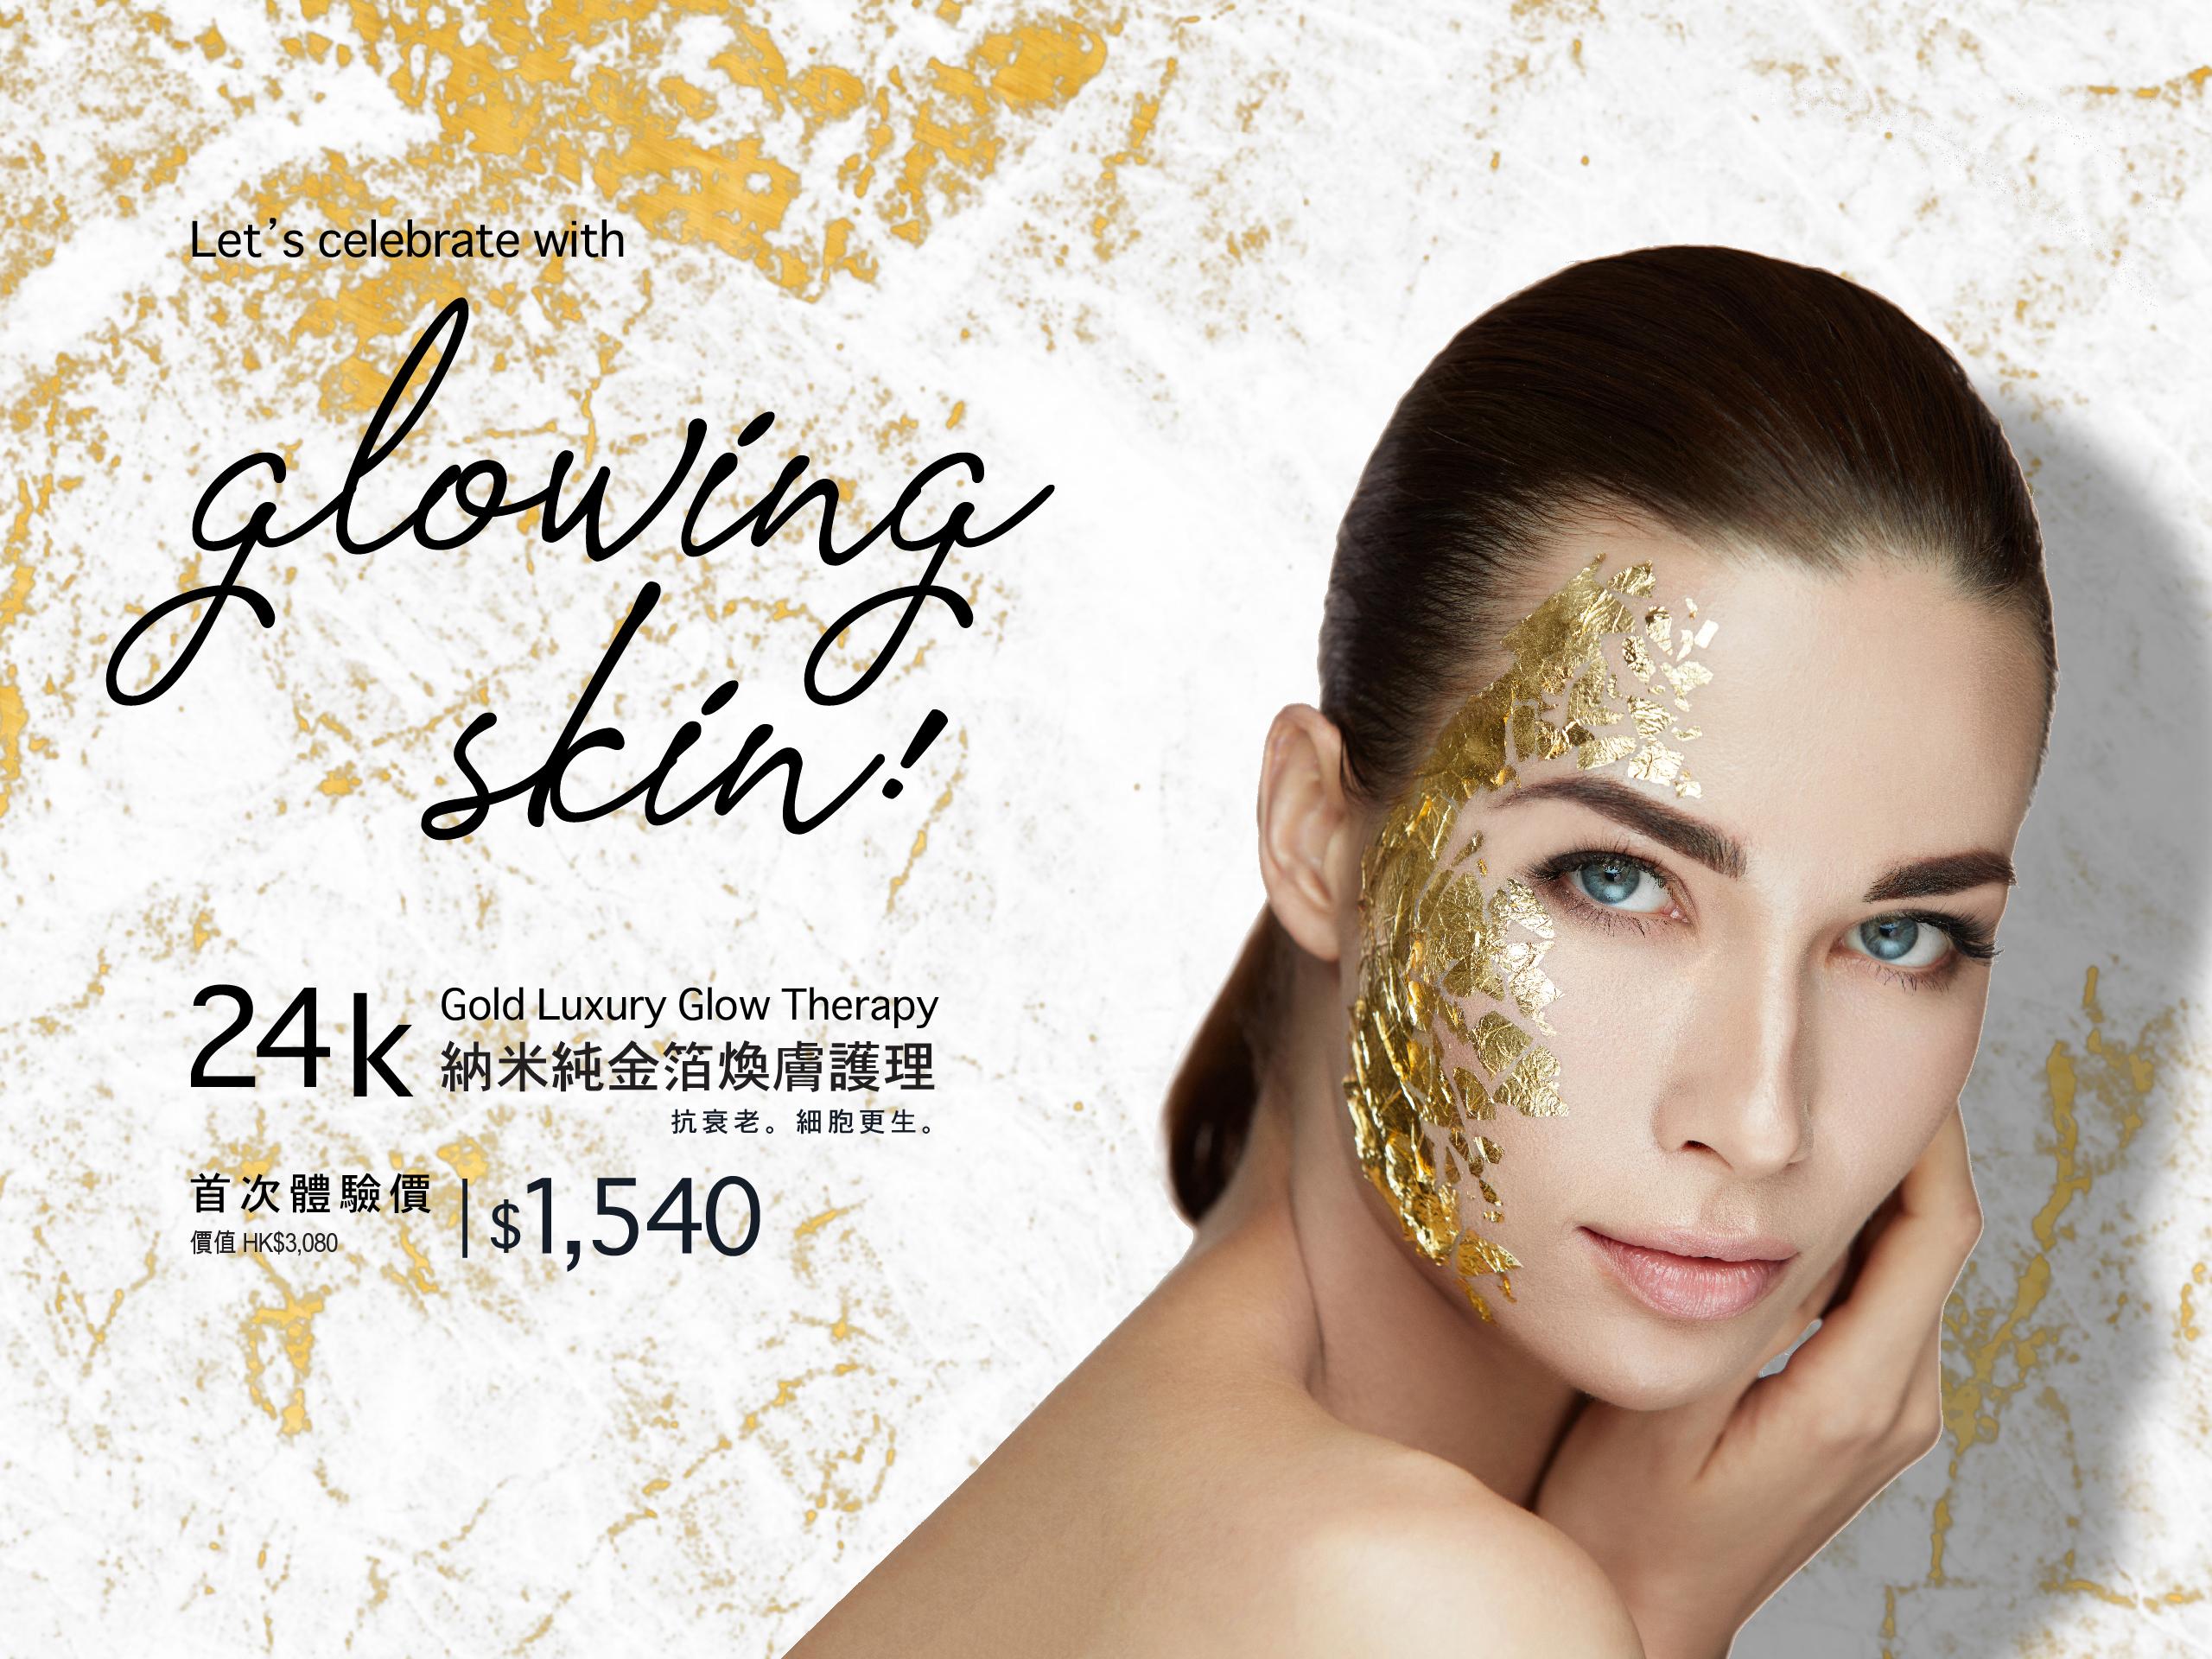 採用24K純金箔為肌膚帶來全面抗皺、撫平細紋、提升輪廓、亮白細緻、光澤透亮的效果